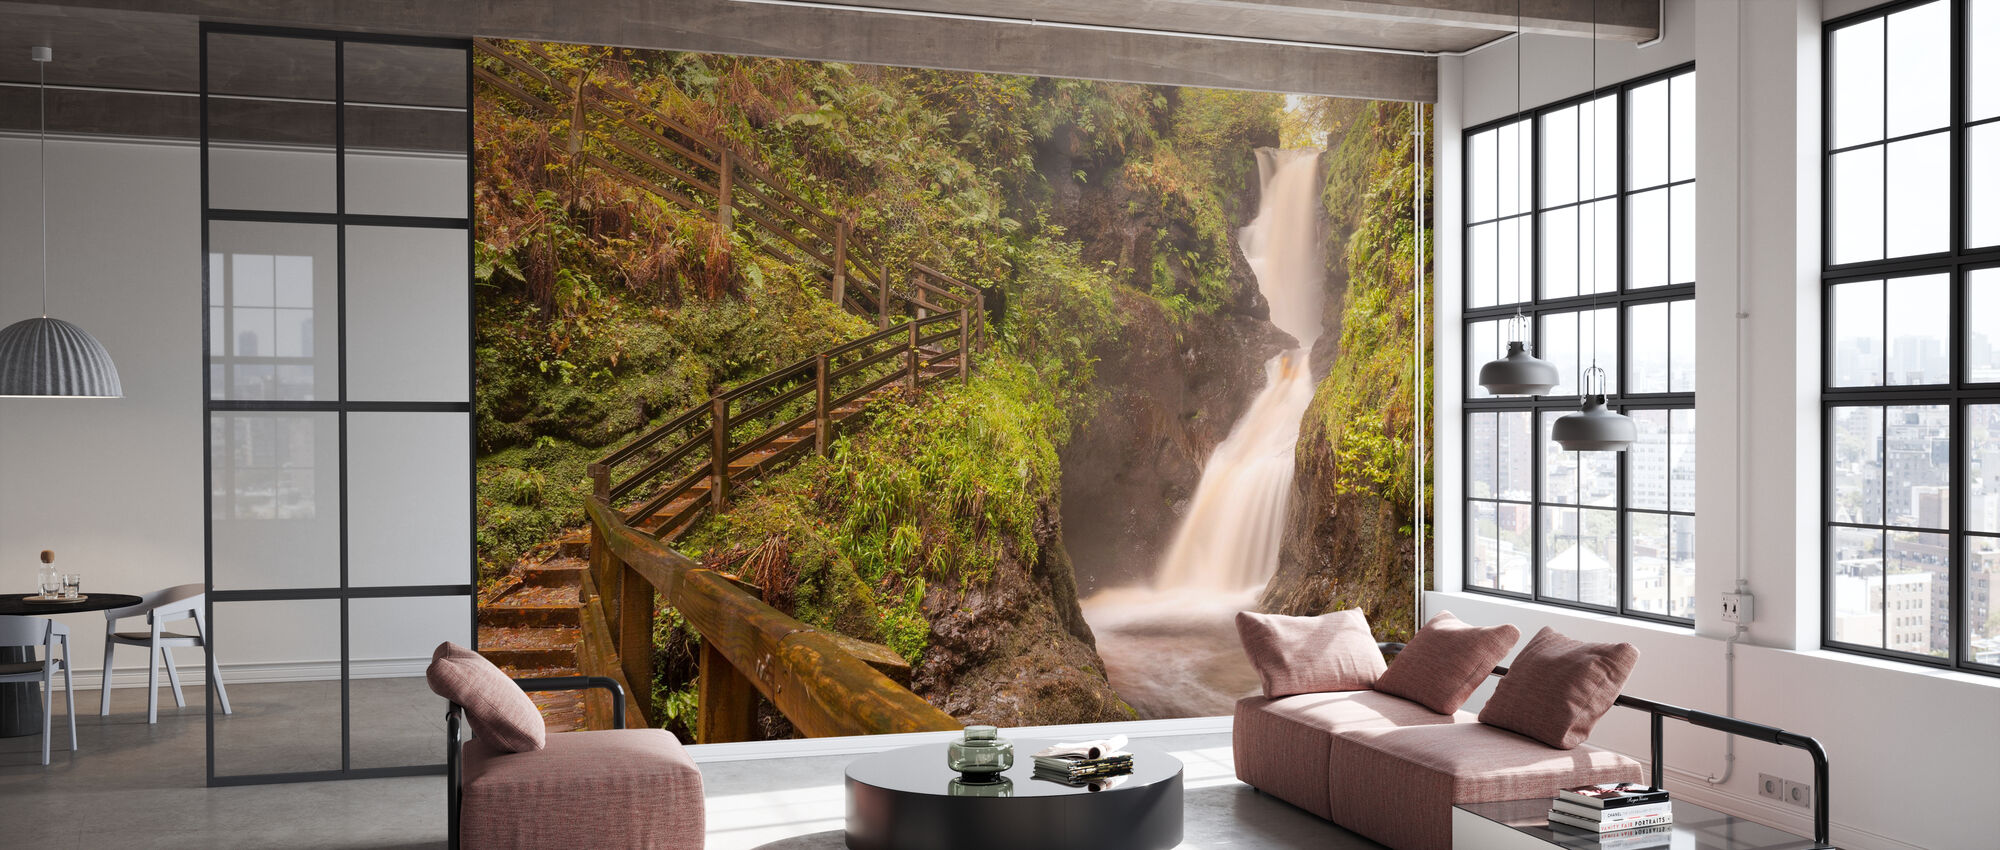 Spiritual Climbing - Wallpaper - Office